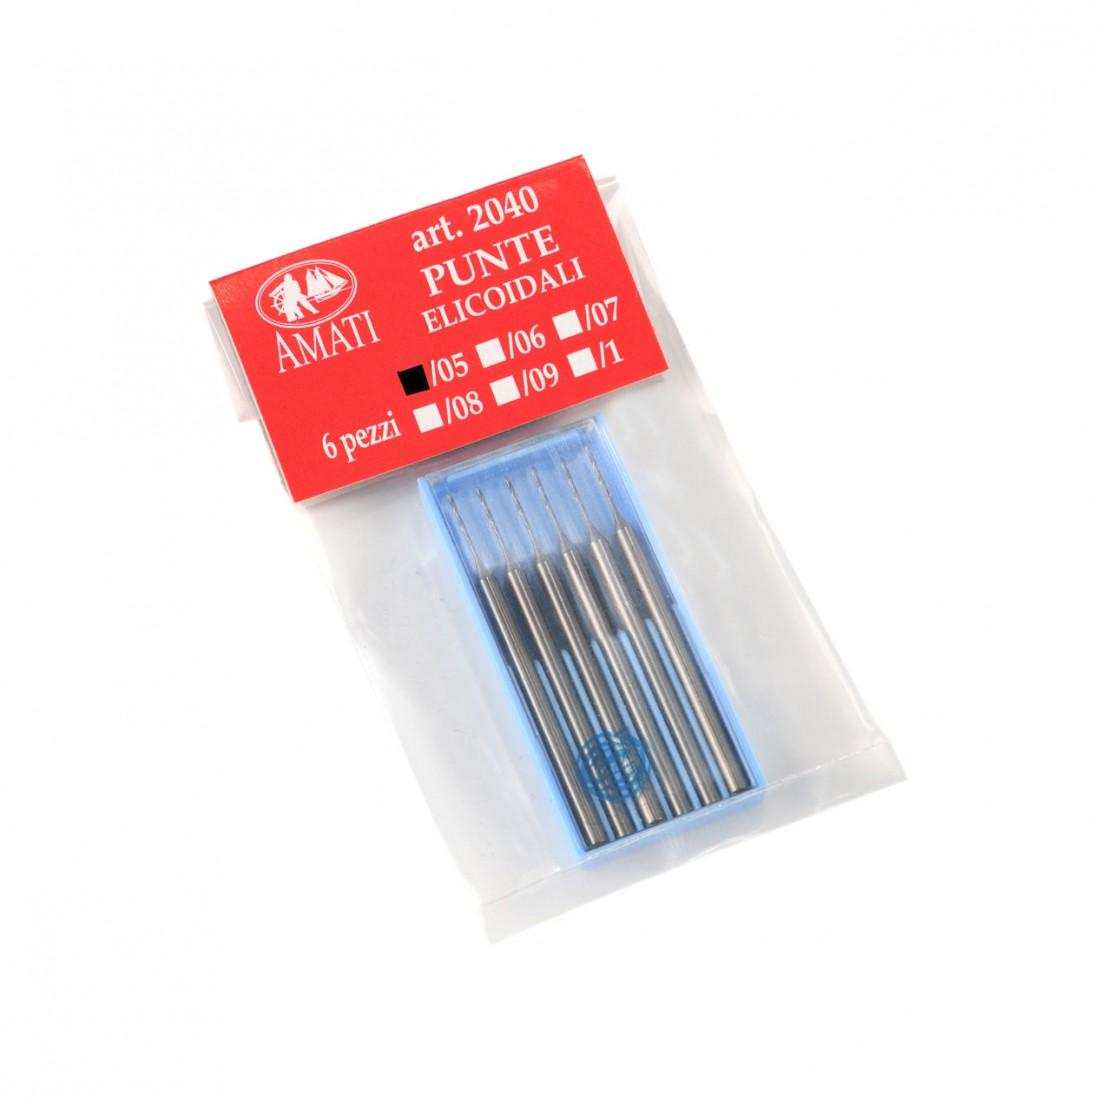 Punte elicoidali per fori da 0,5 gambo mm. 2,3